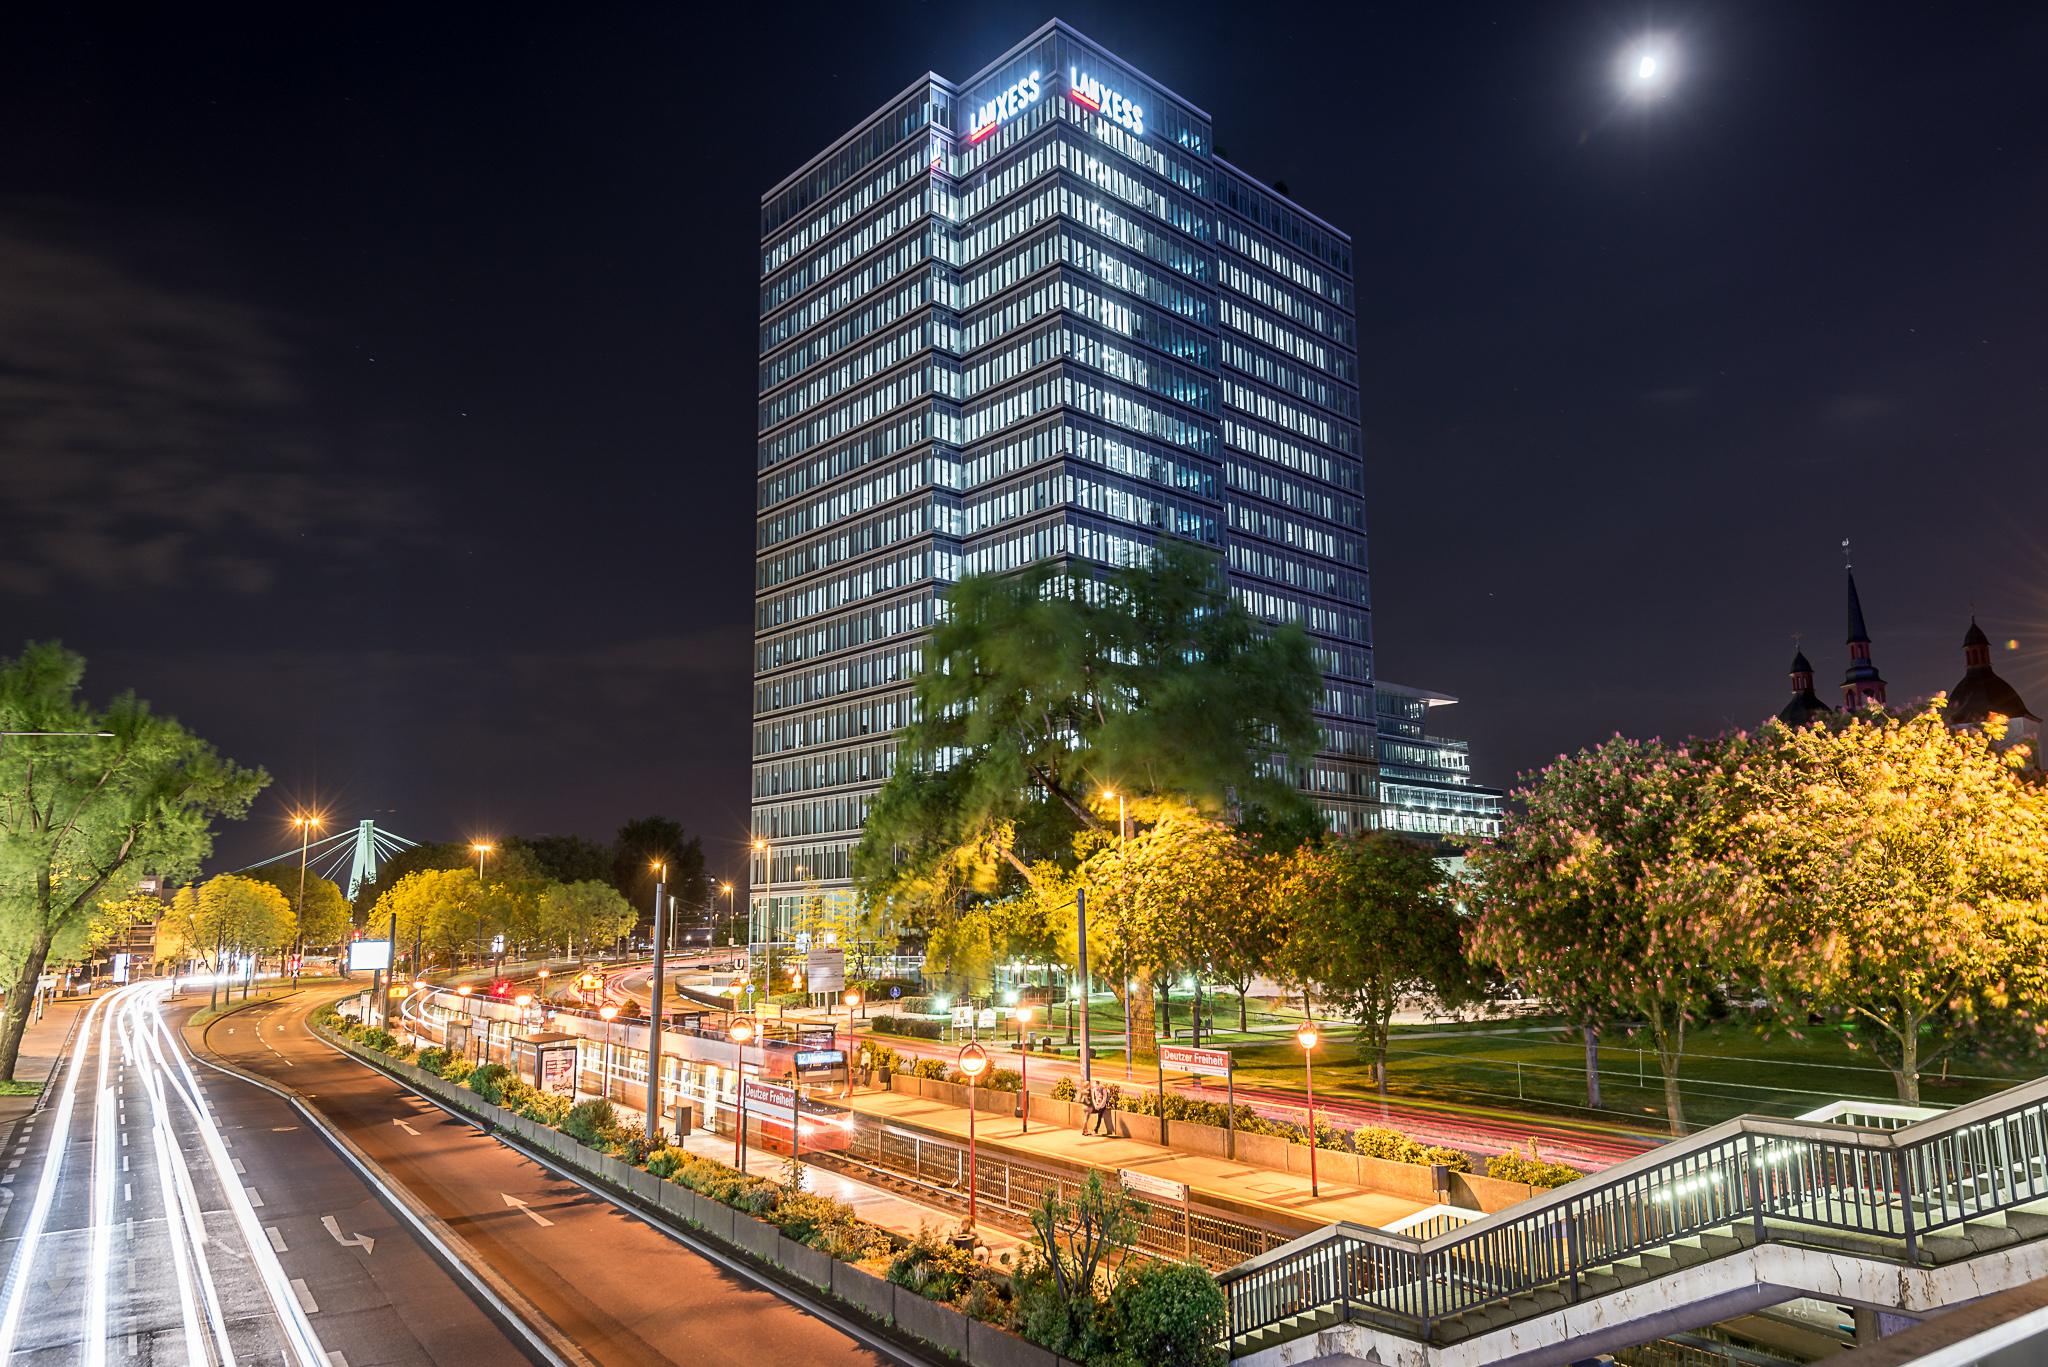 Deutzer Hochhaus von Lanxess mit Bahnhaltestelle der KVB bei Nacht